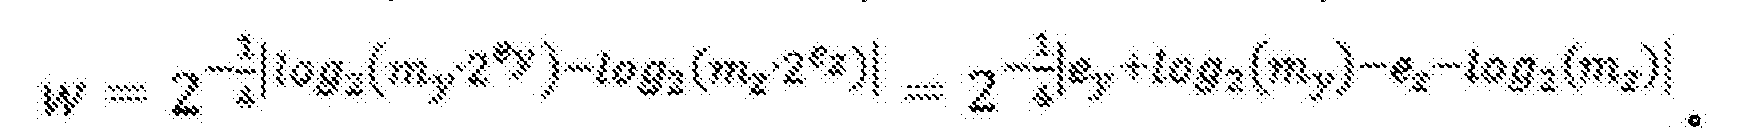 Figure CN104541327BD00237